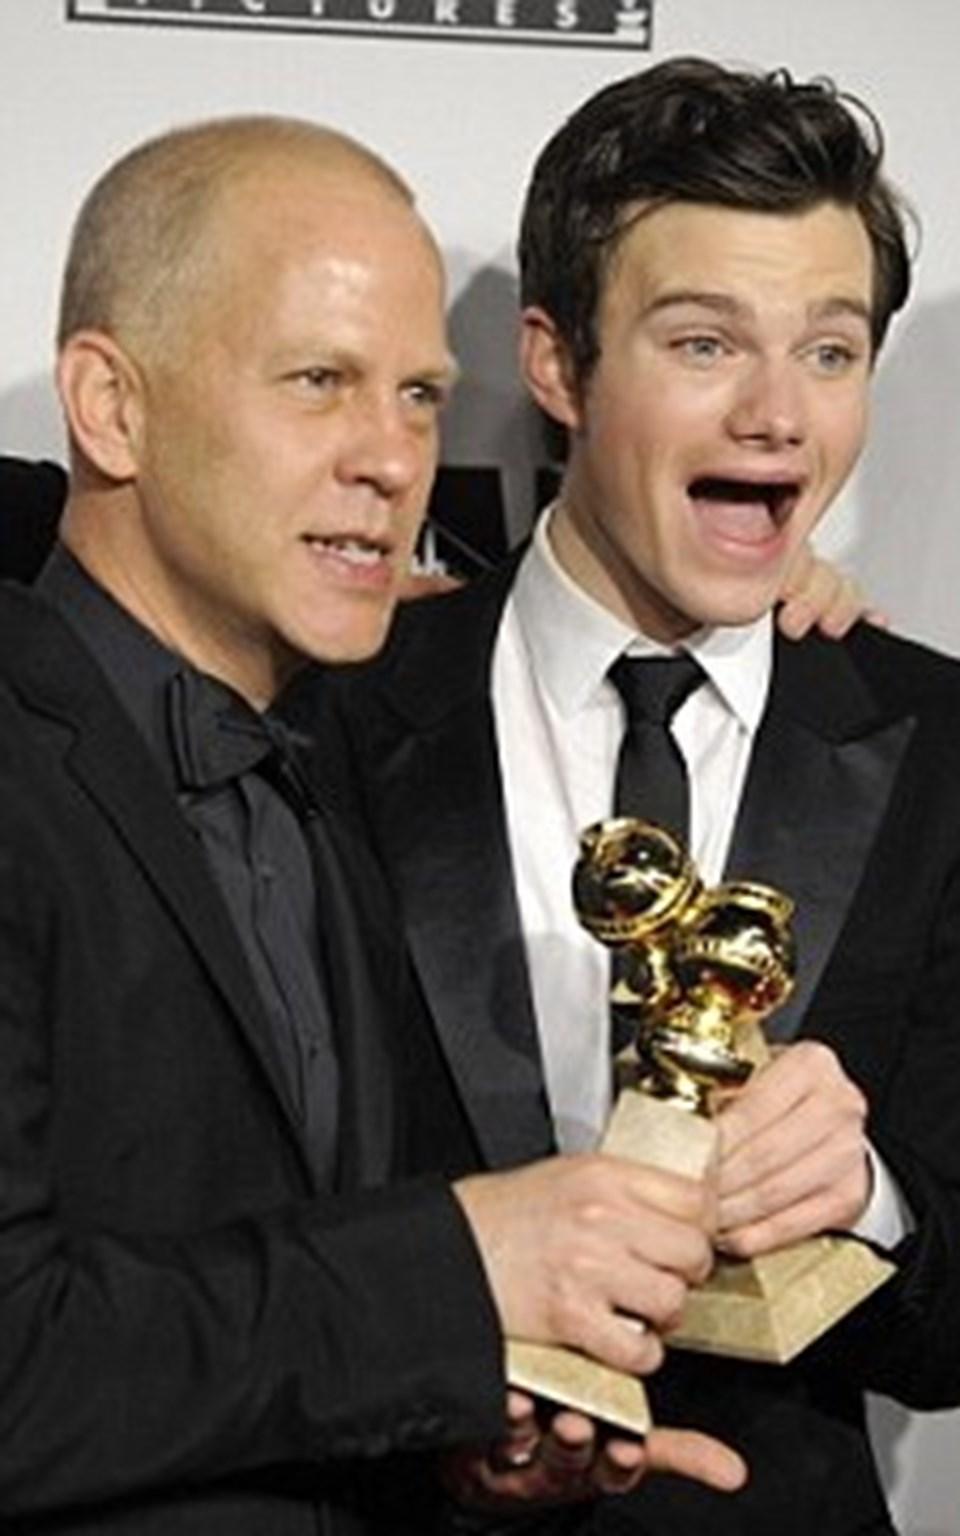 Kurt rolünü canlandıran Chris Colfer, Altın Küre'de 'en iyi komedi aktörü' ödülünü kazanmıştı.